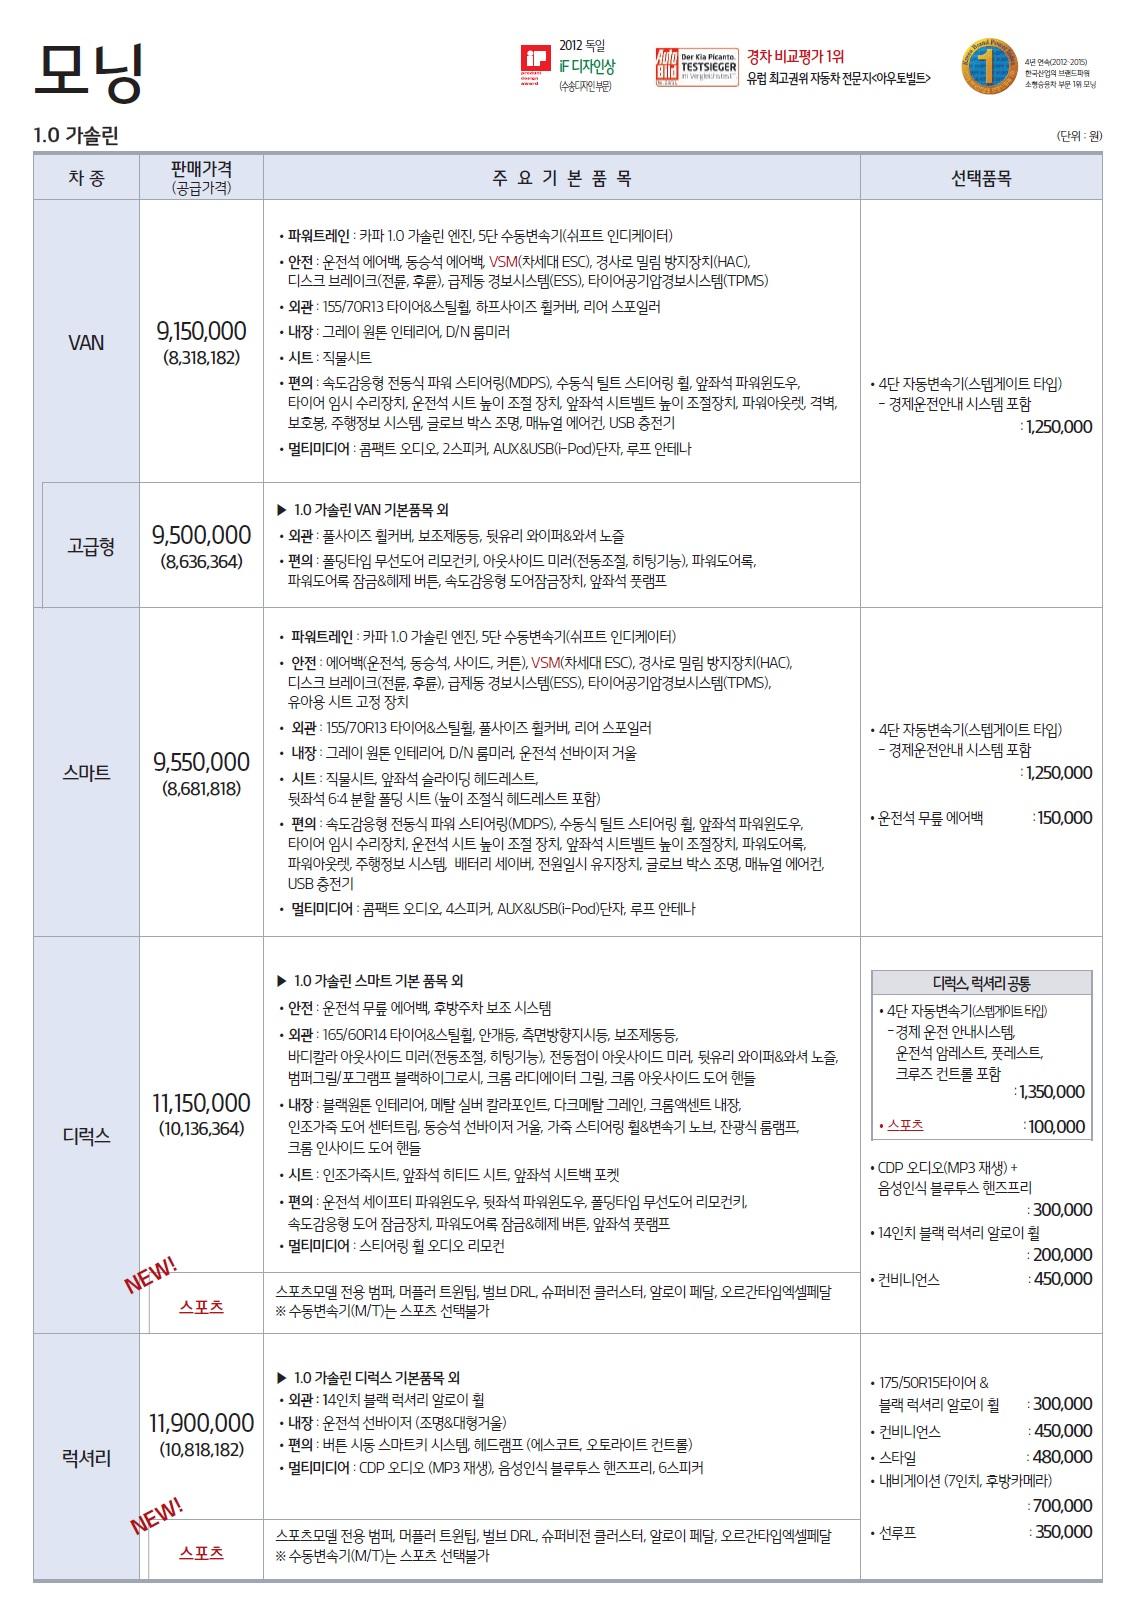 더뉴 모닝 가격표 - 2016년 06월 -1.jpg